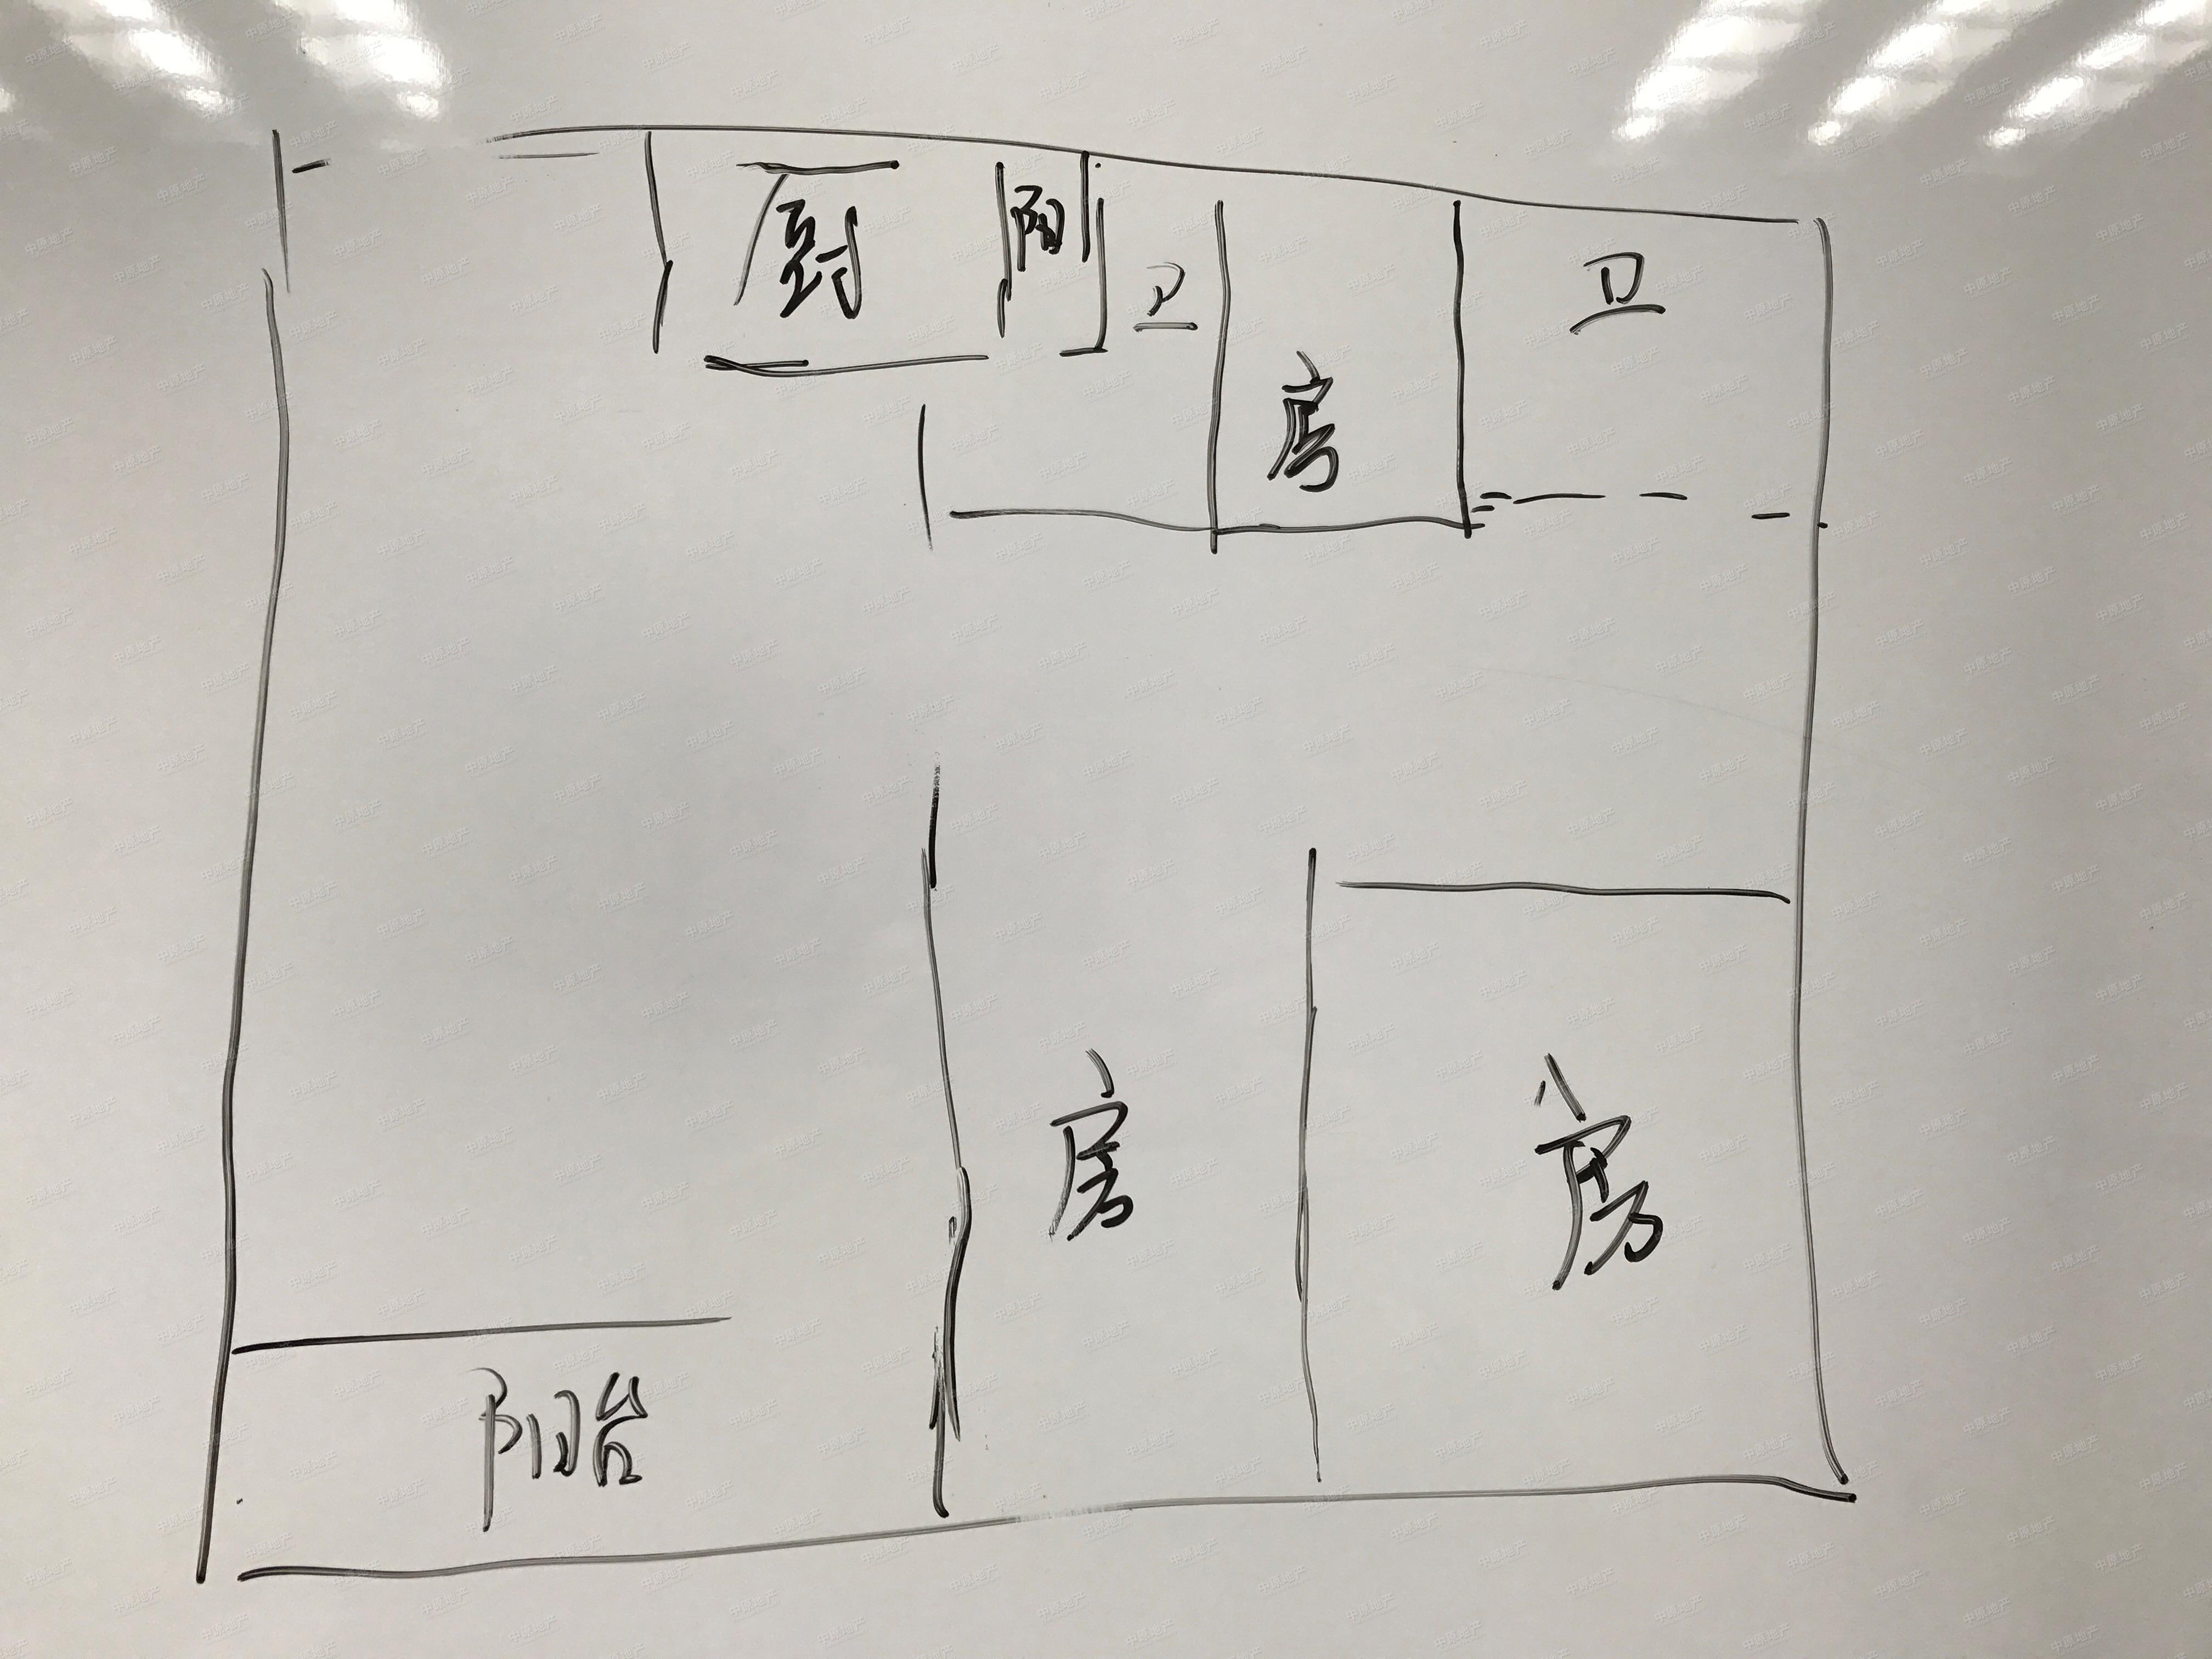 锦绣银湾 房产证满两年 随时看房 户型方正 电梯房,